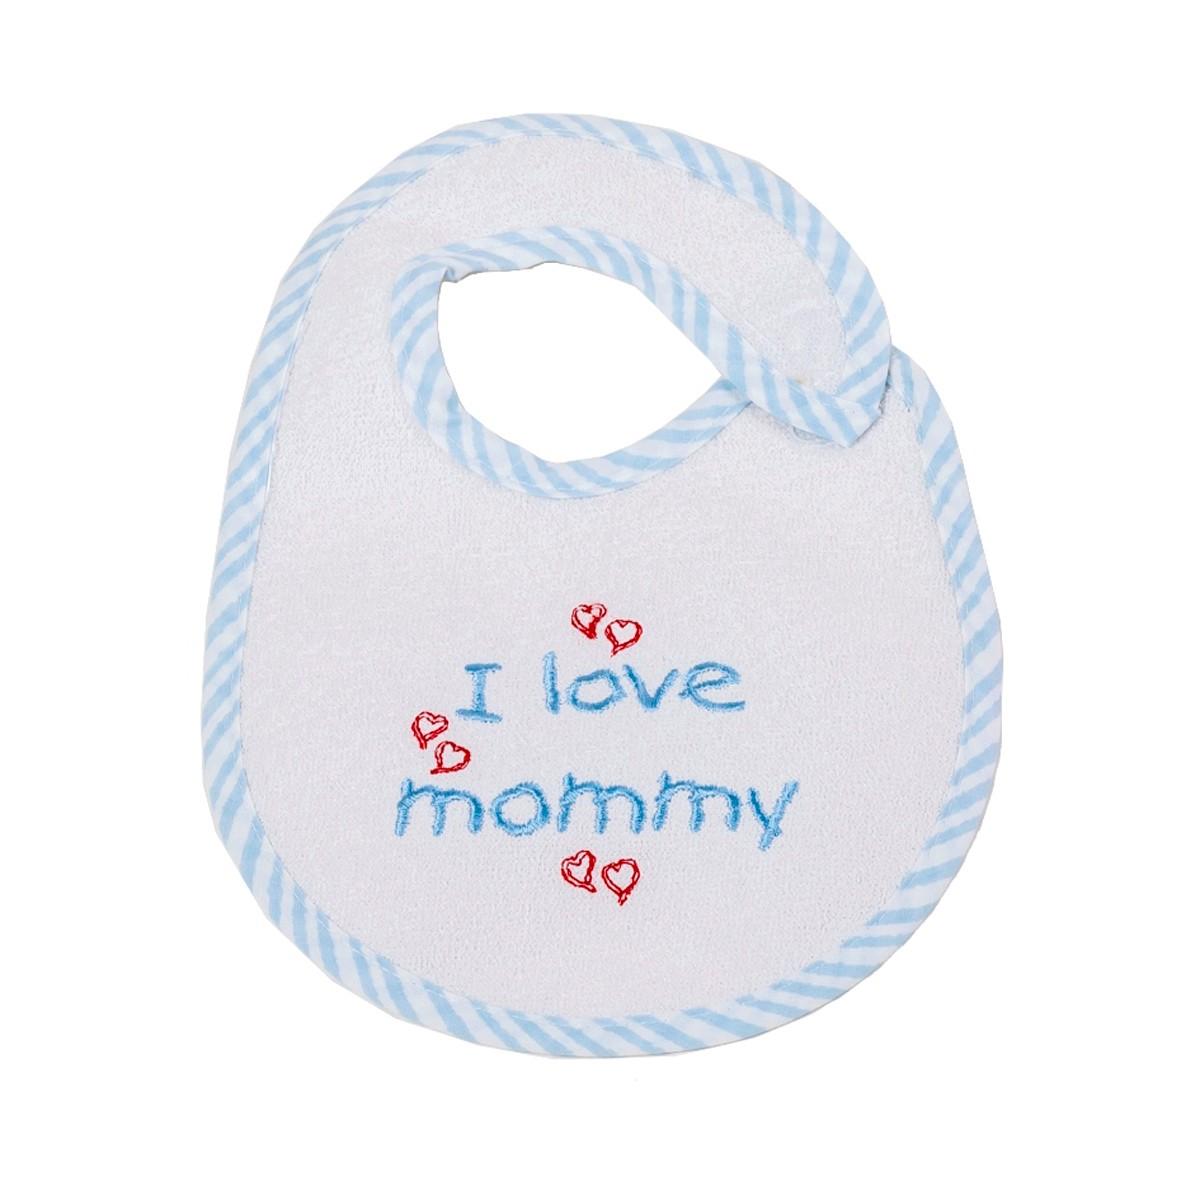 Σαλιάρα Μικρή Κόσμος Του Μωρού Mommy 0606 Σιέλ